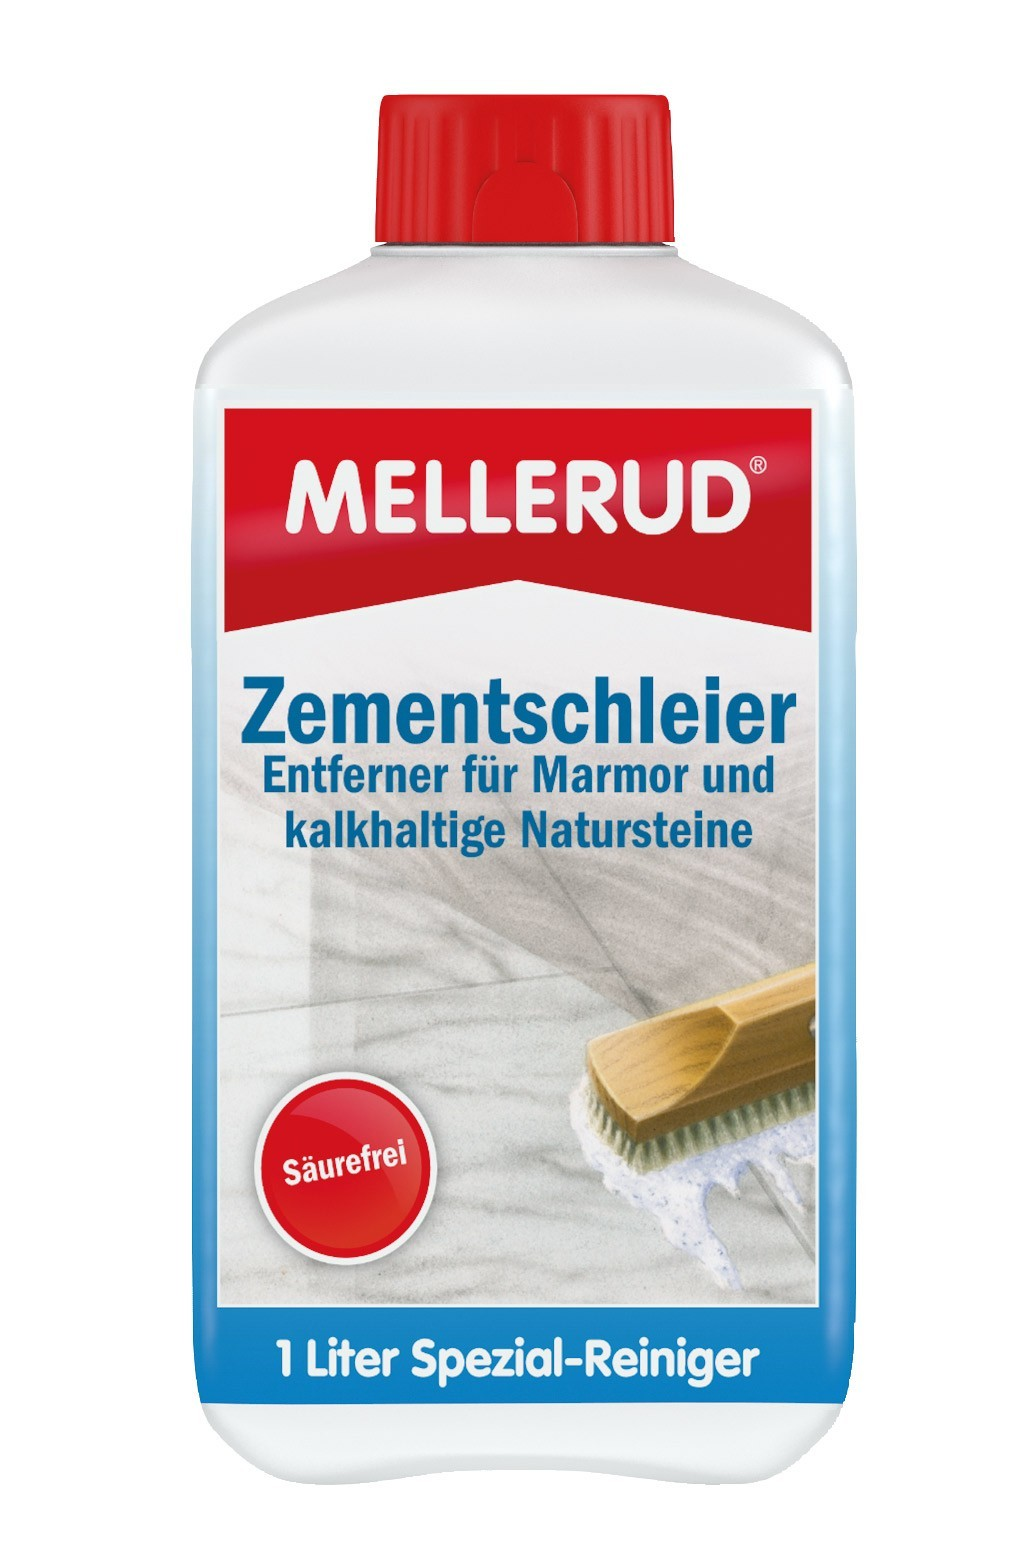 MELLERUD Zementschleier Entferner für Marmor u. Naturstein 1,0 Liter Bild 1